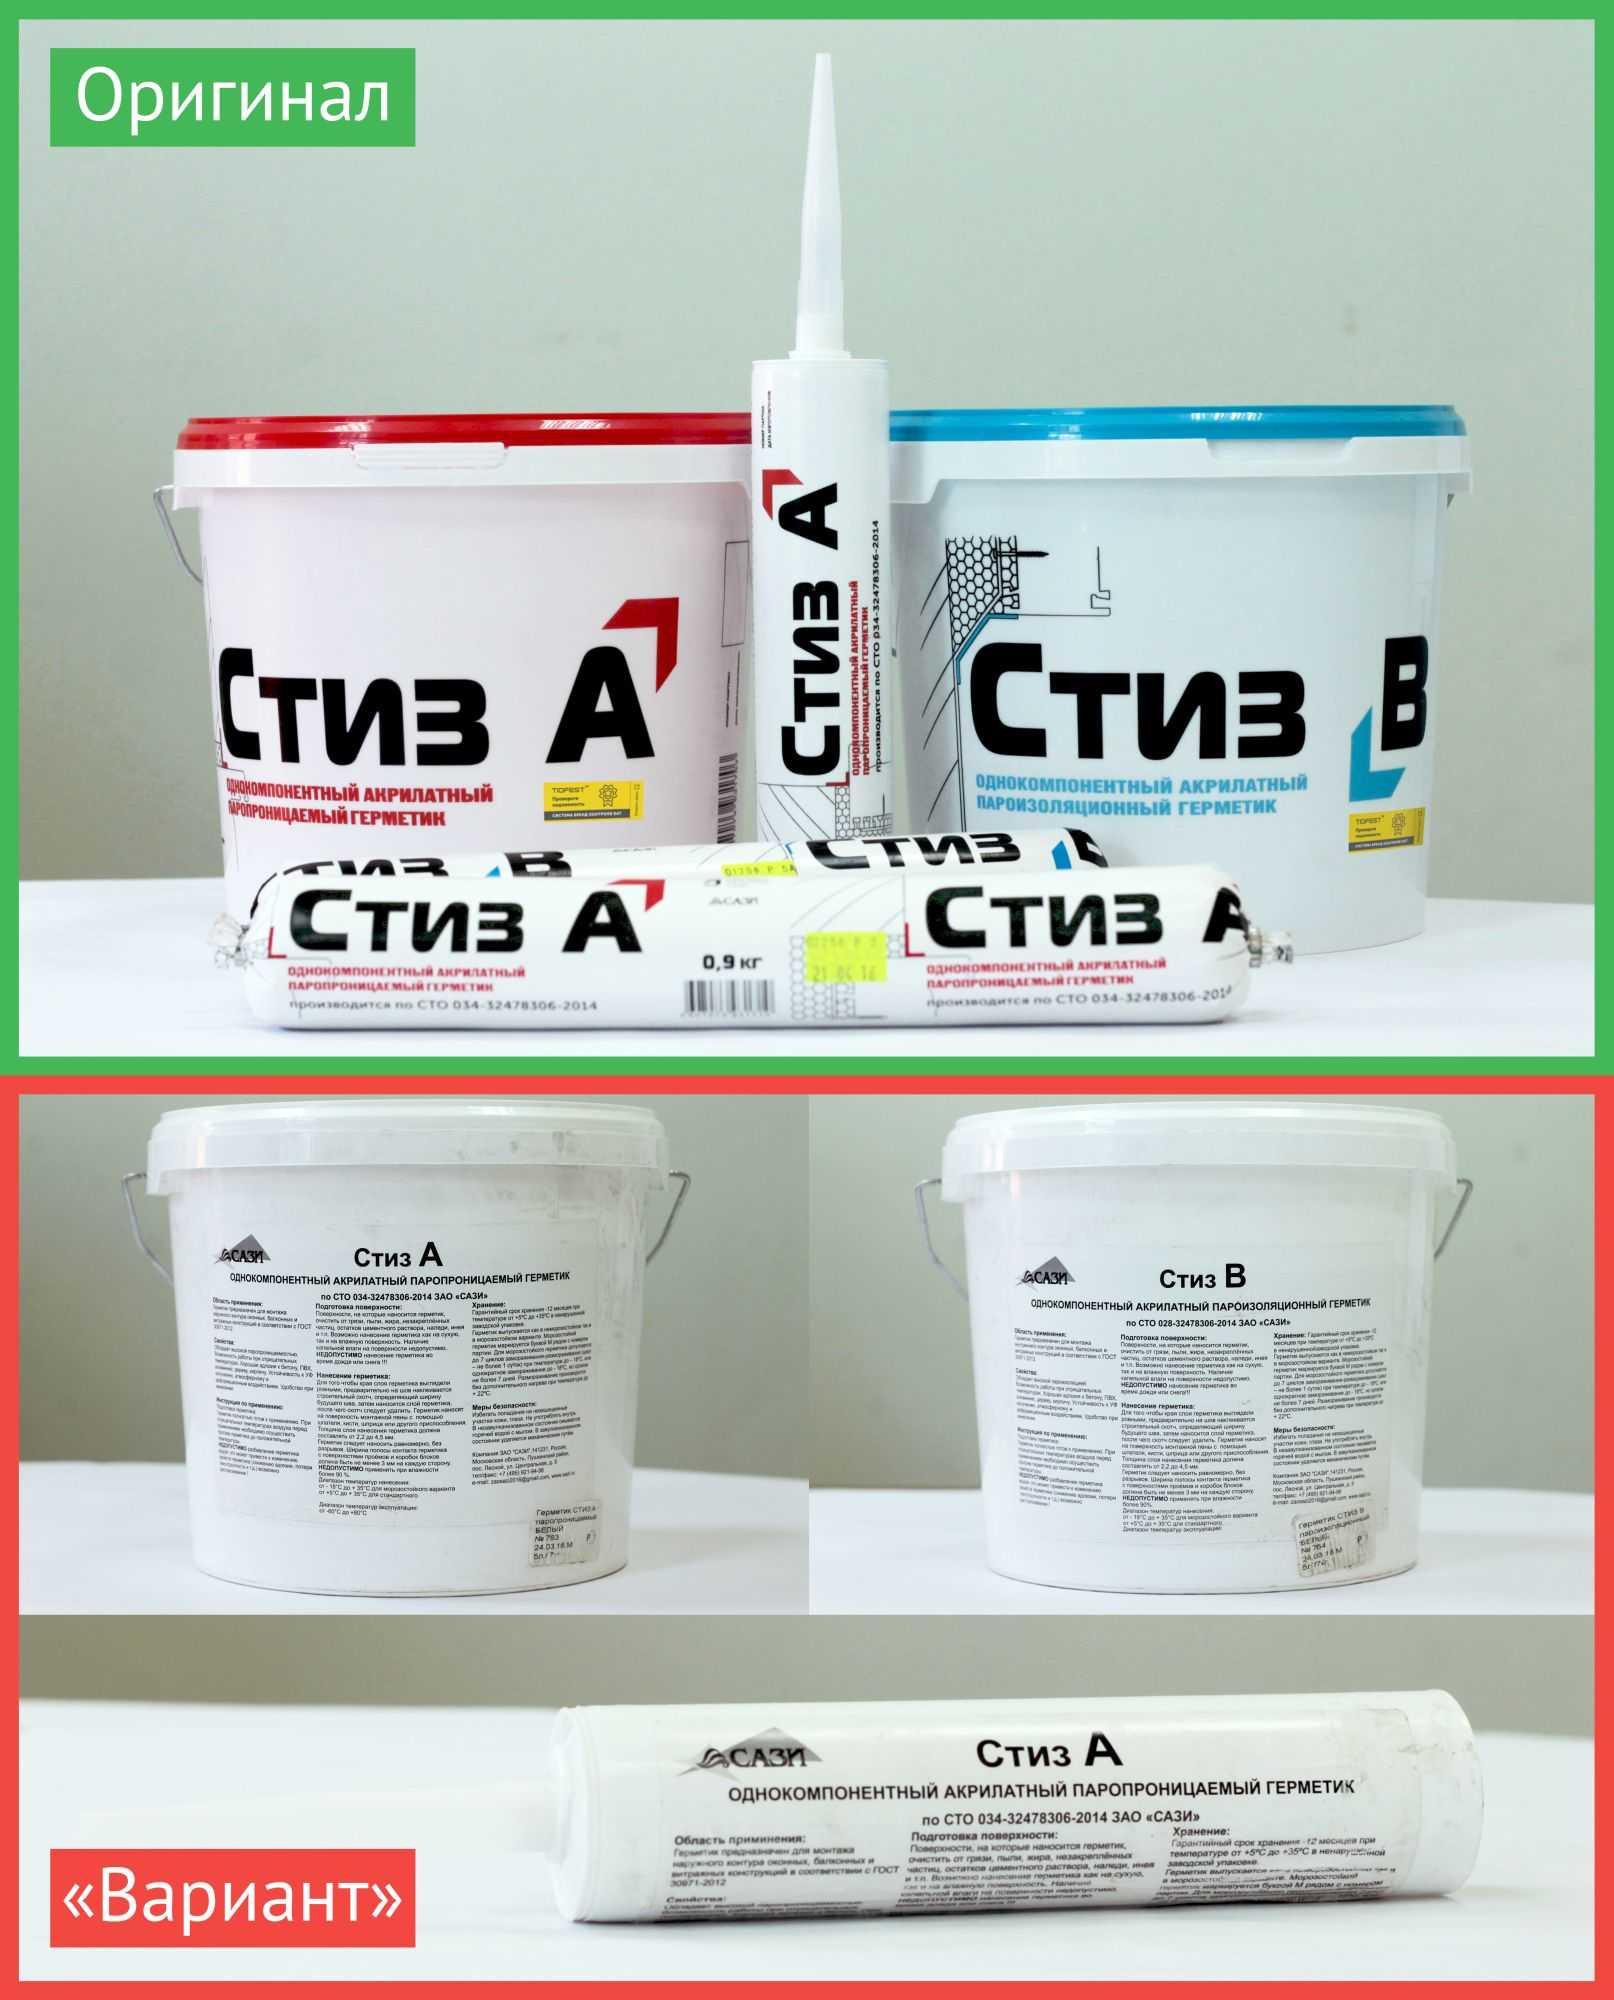 Официальный поставщик САЗИ в России с лучшими ценами от прямого поставщика.